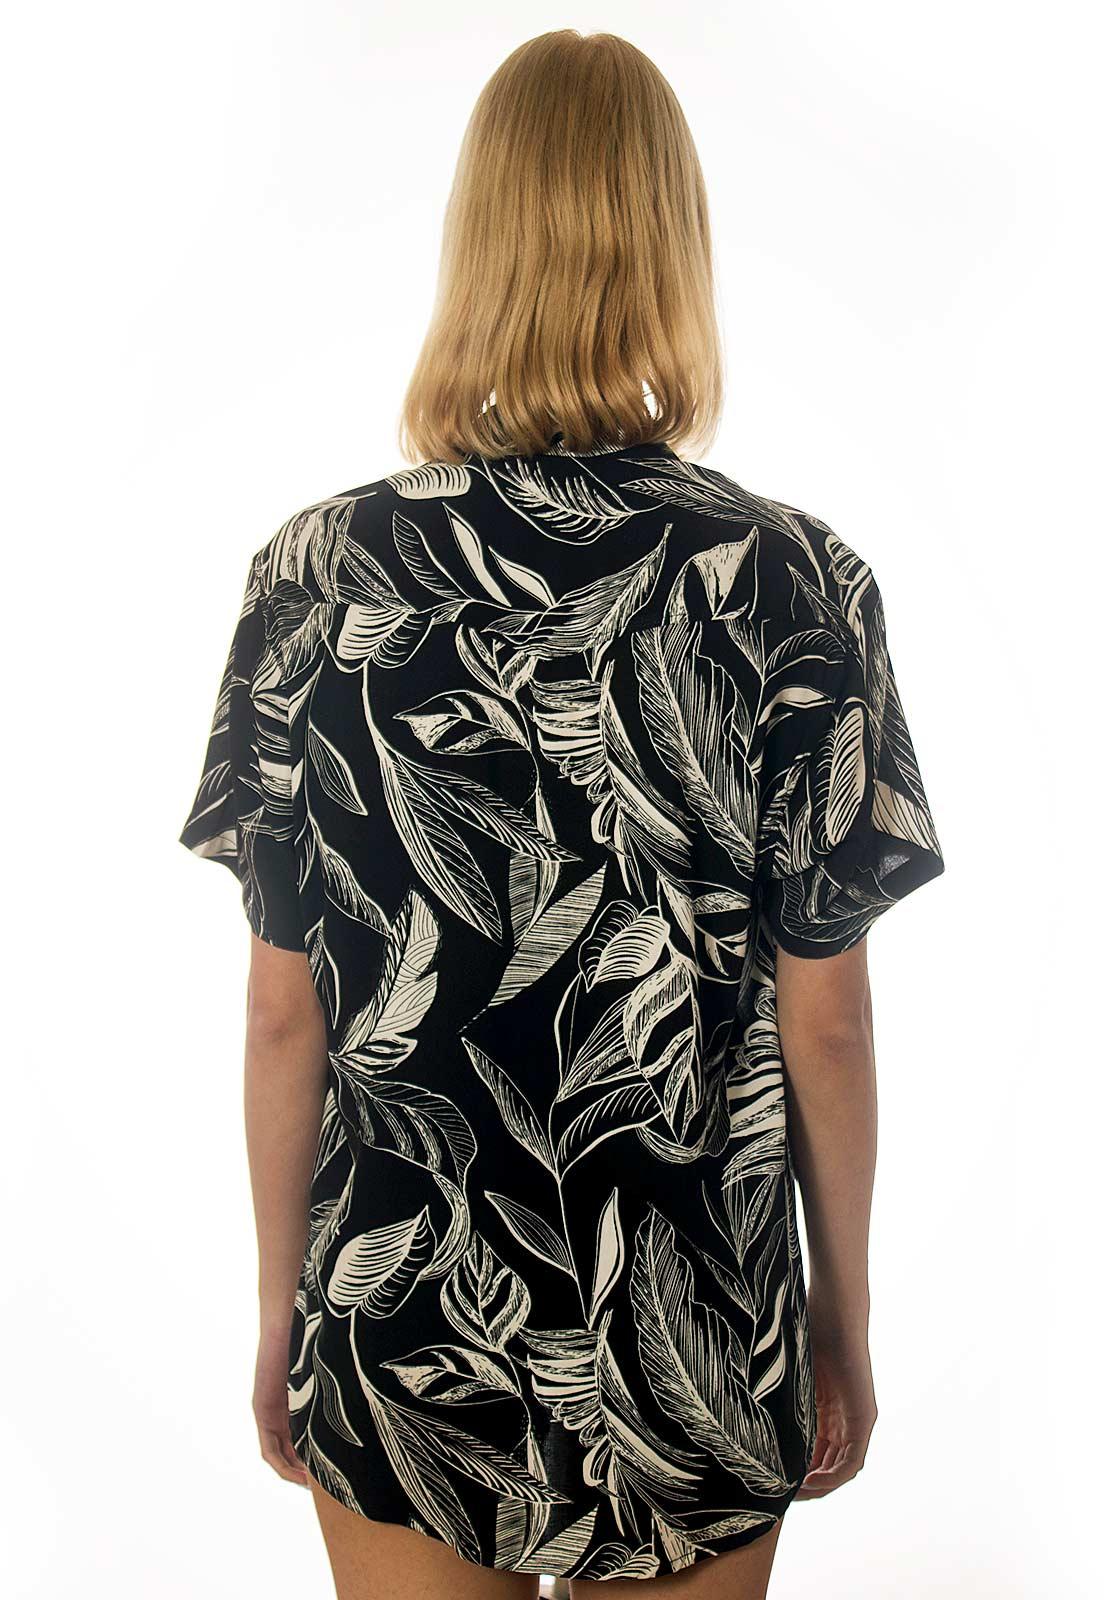 Camisa Folhagens Estampada Floral ElephunK Triunfo Preta